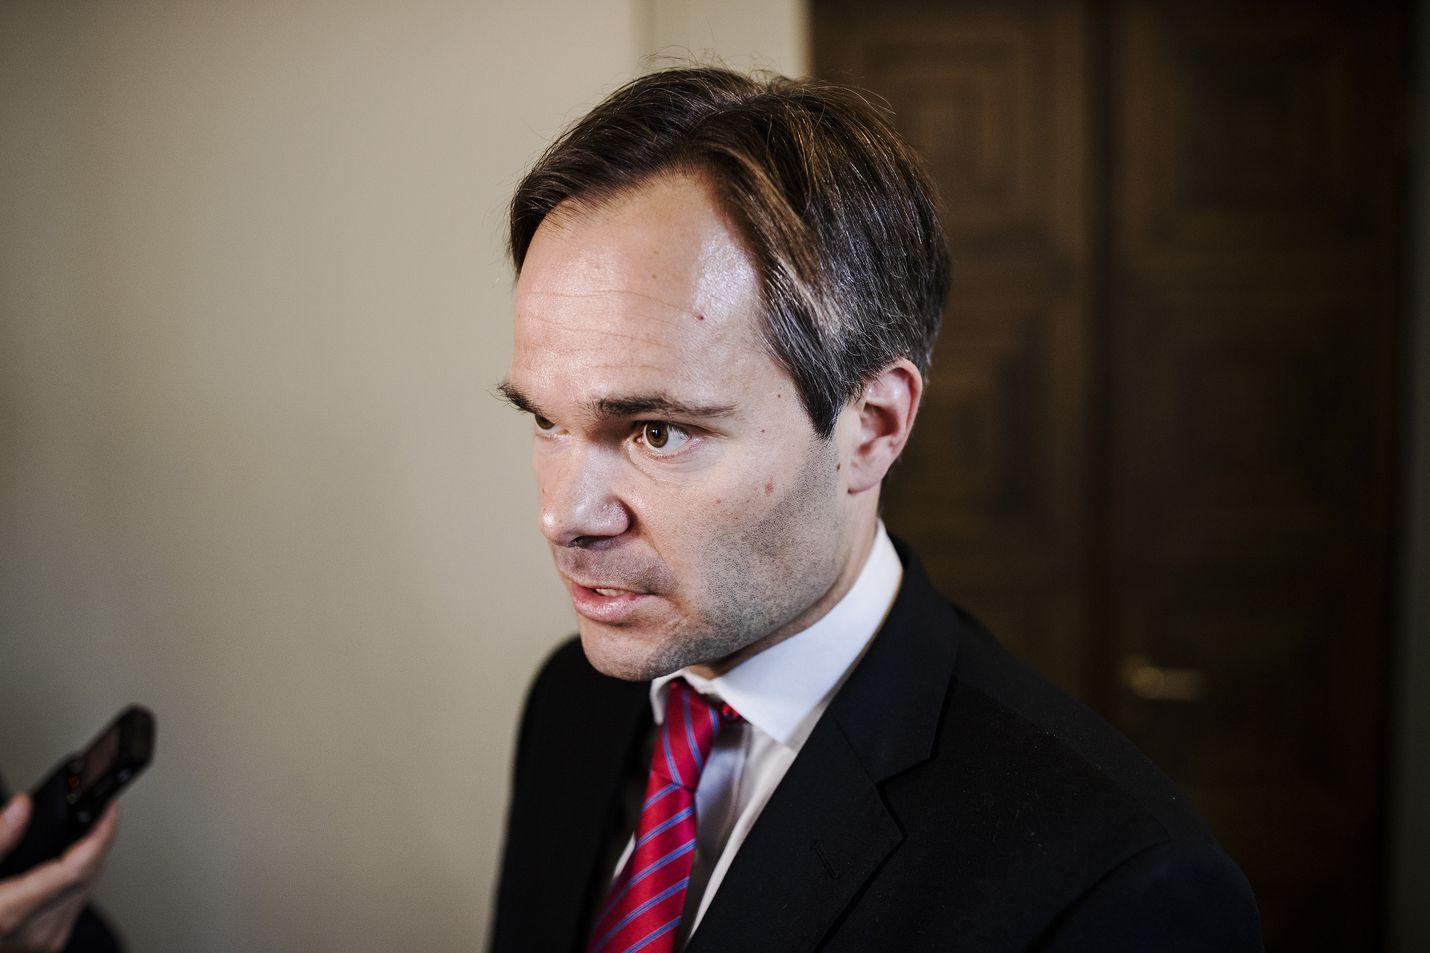 Kokoomuksen eduskuntaryhmän puheenjohtaja Kai Mykkänen sanoo, ettei kokoomus ole puolueena käynyt sellaisia neuvotteluita, joissa hallitusta olisi lähdetty rakentamaan perussuomalaisten johdolla.